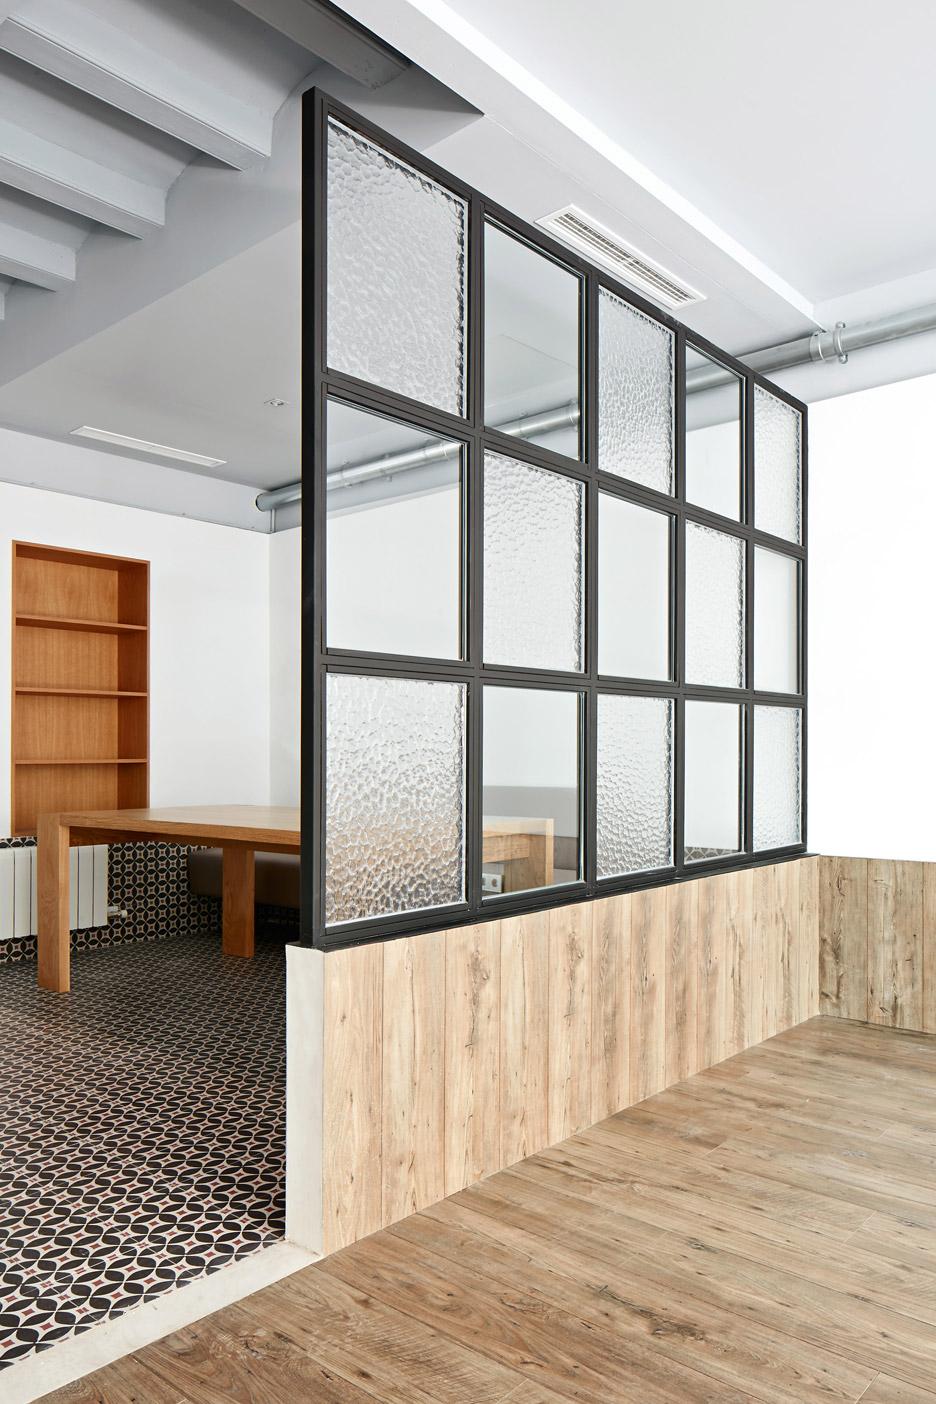 Tamarit Apartment by Ras Arquitectura